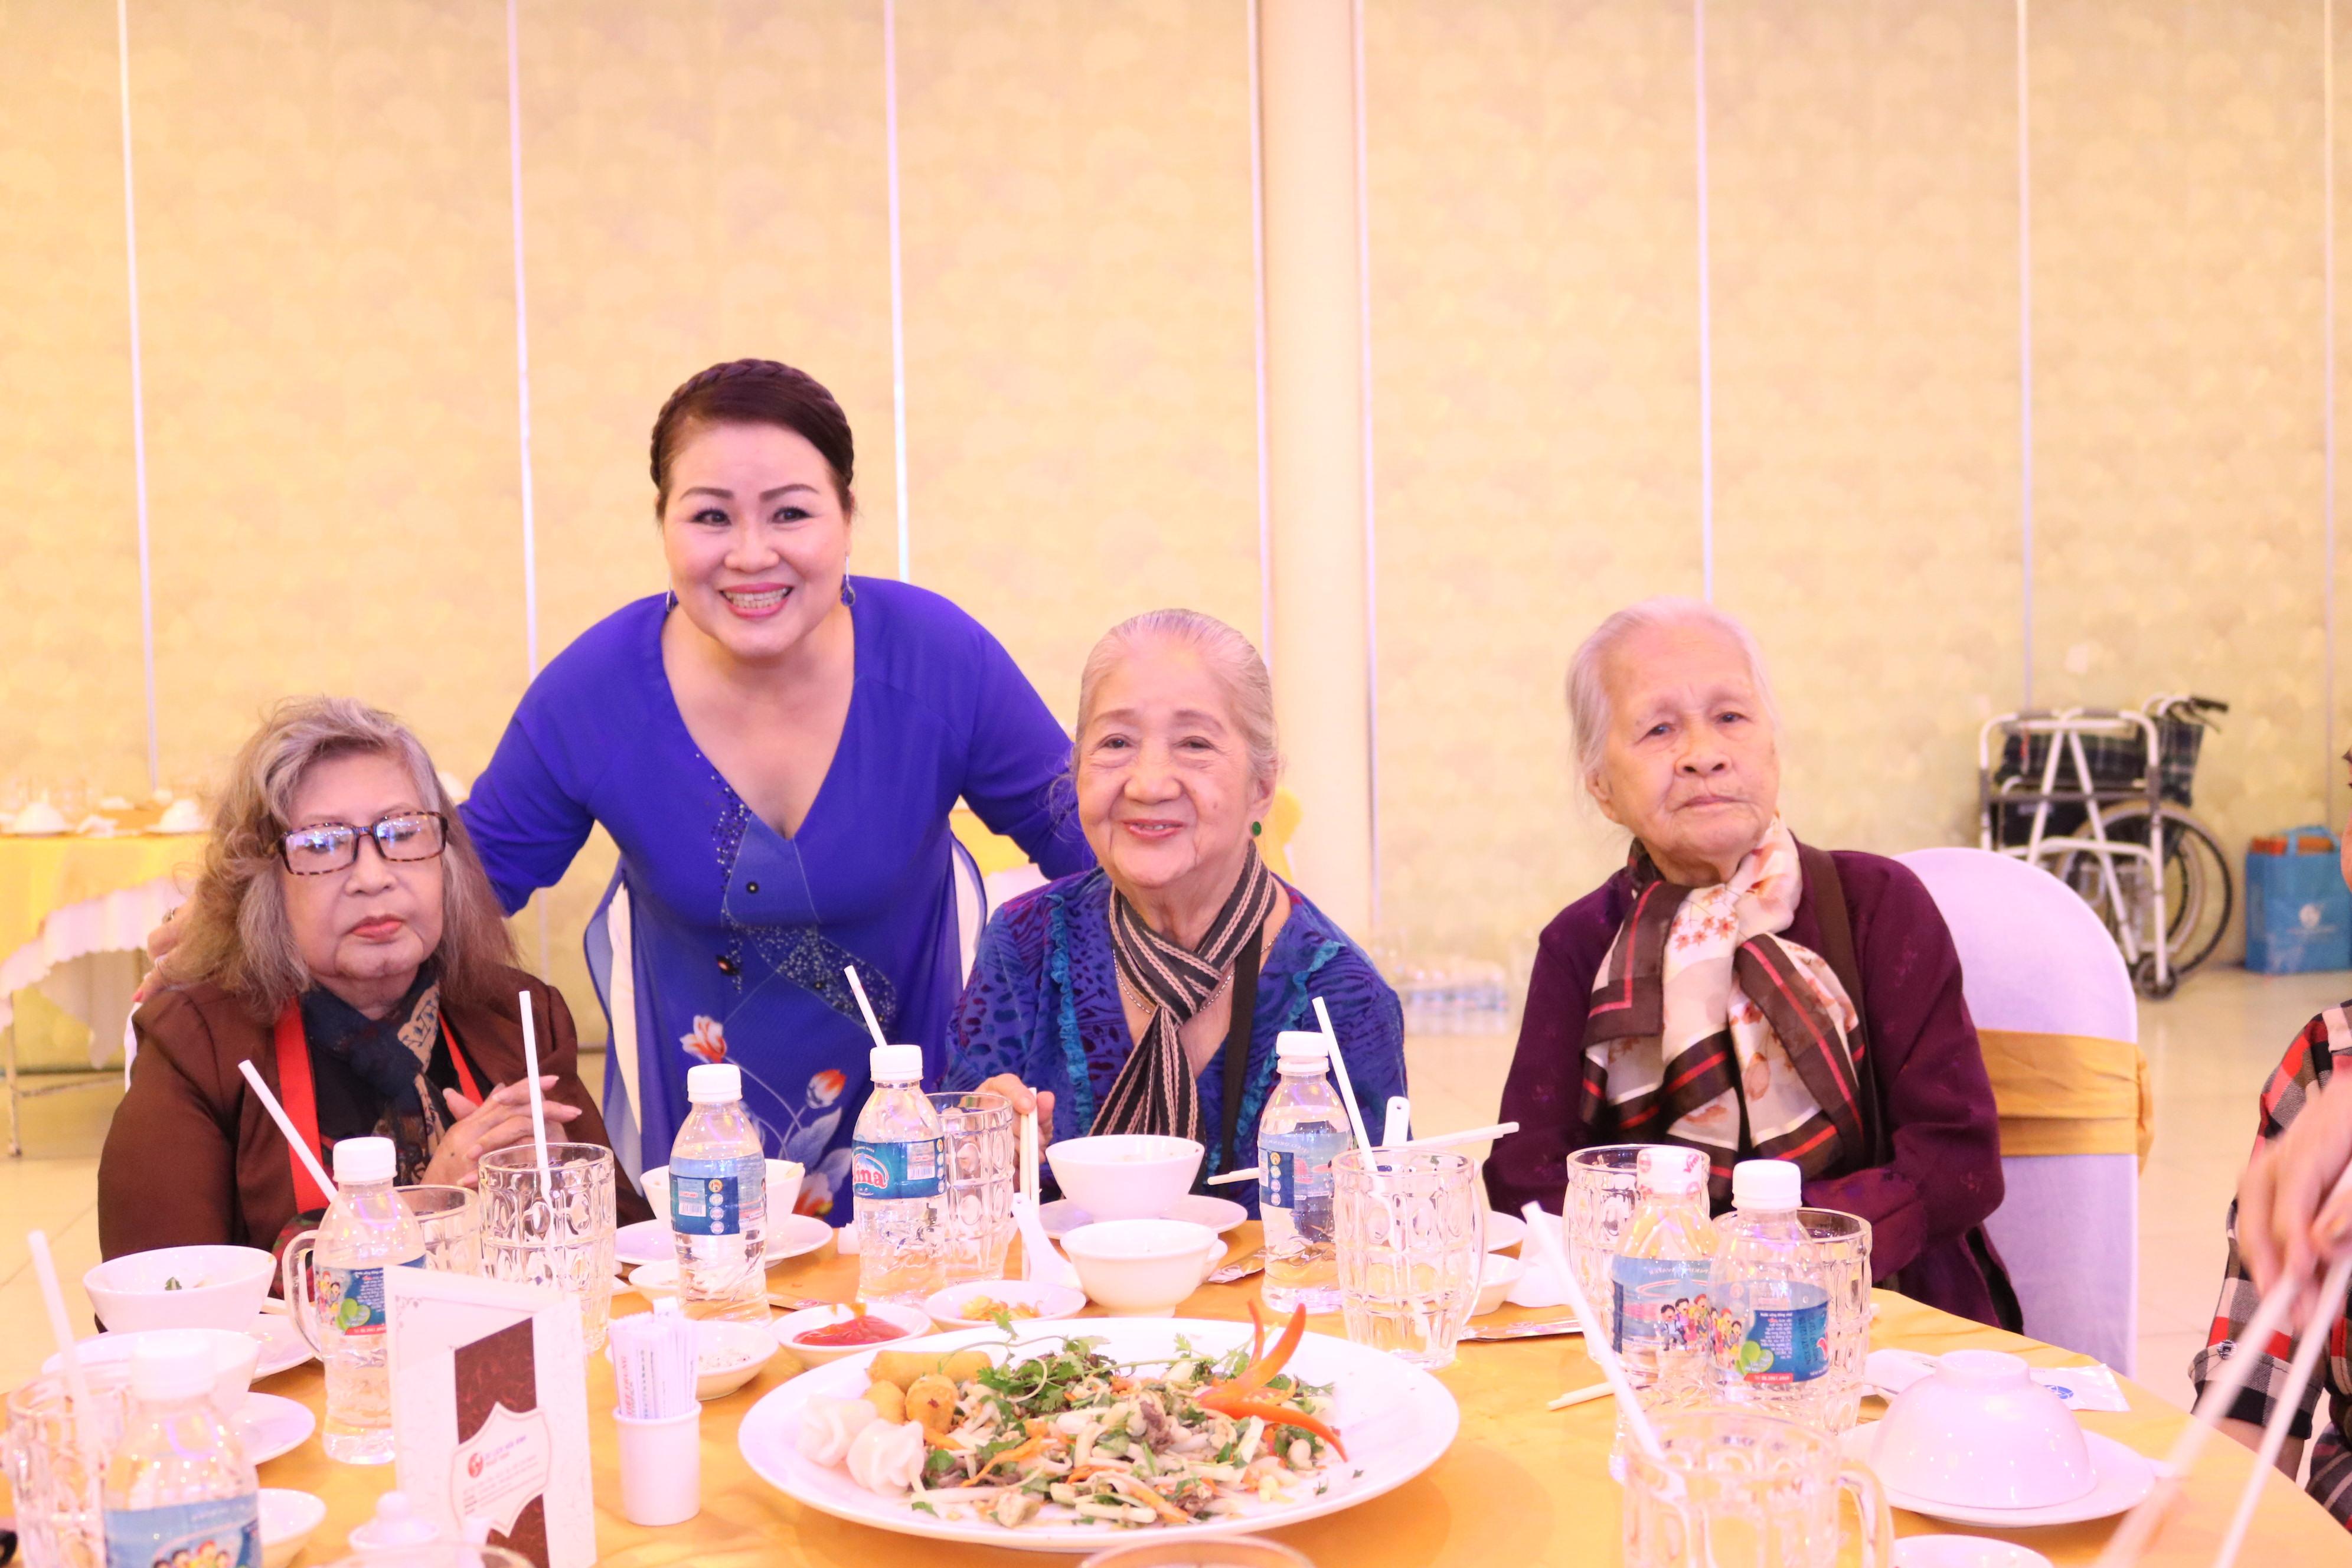 NSƯT Quỳnh Liên (đứng sau) - Chủ nhiệm Câu lạc bộ Nữ nghệ sỹ TP.HCM - cho biết, tri ân các nghệ sỹ lão thành là việc làm mà các thành viên câu lạc bộ vẫn luôn nhắc nhau duy trì hôm nay và mãi về sau này.